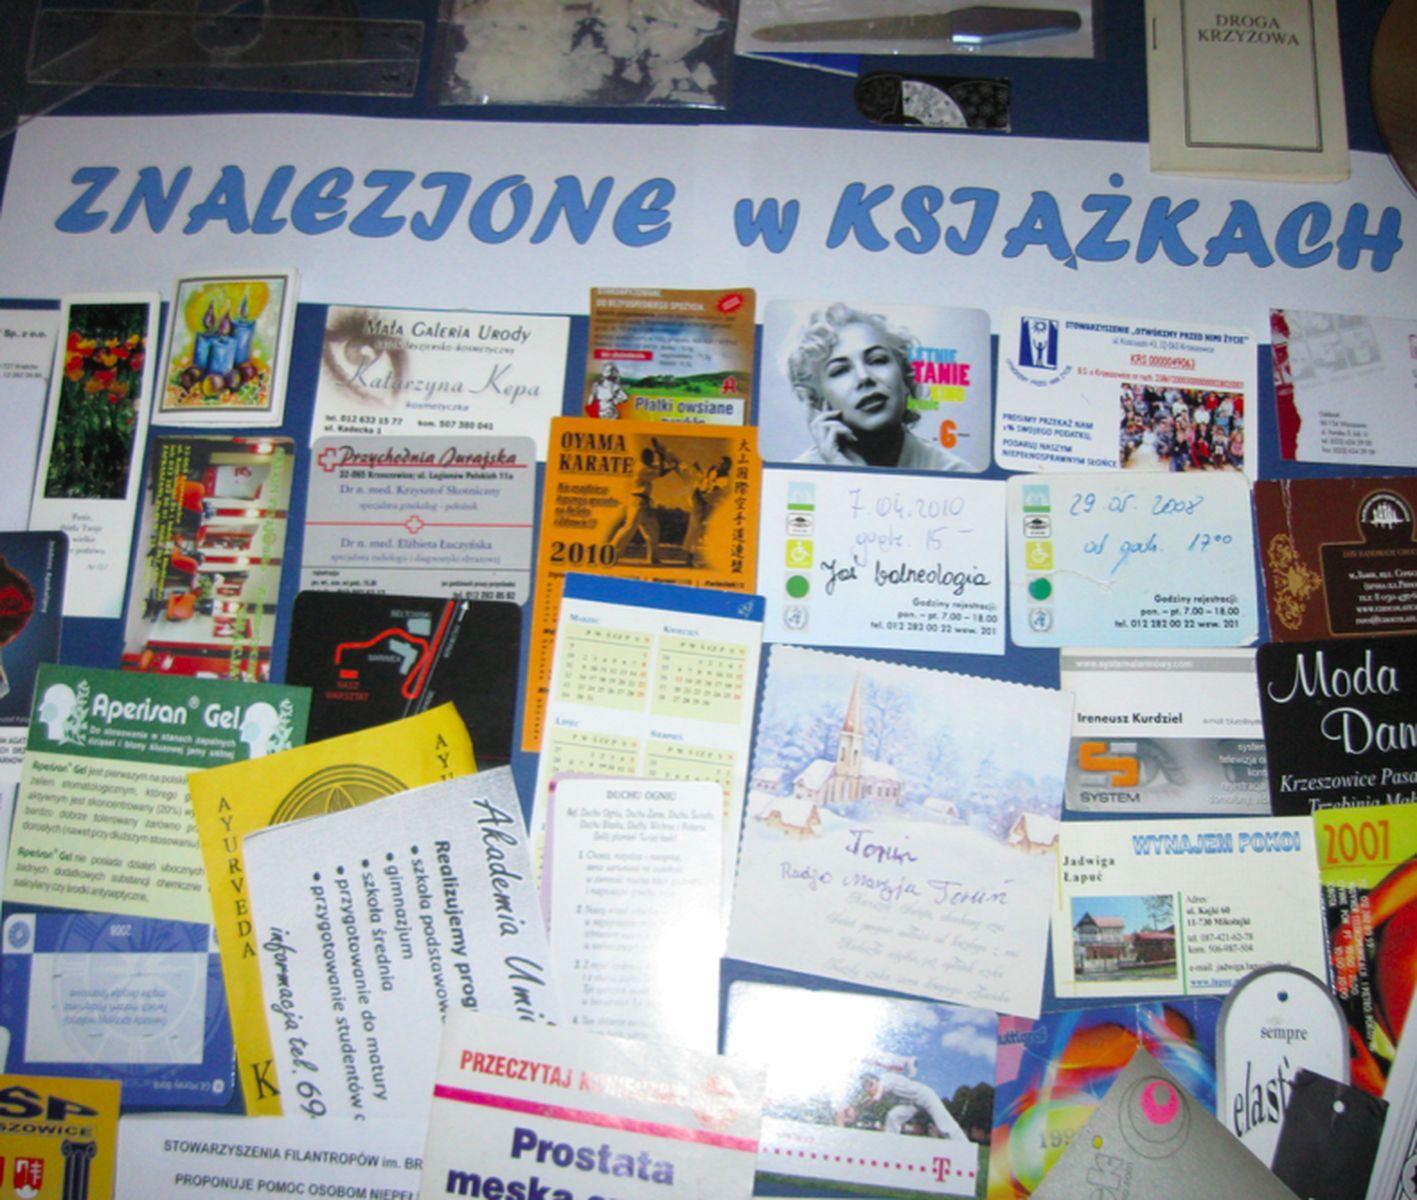 Znalezione w książkach MGBP w Krzeszowicach